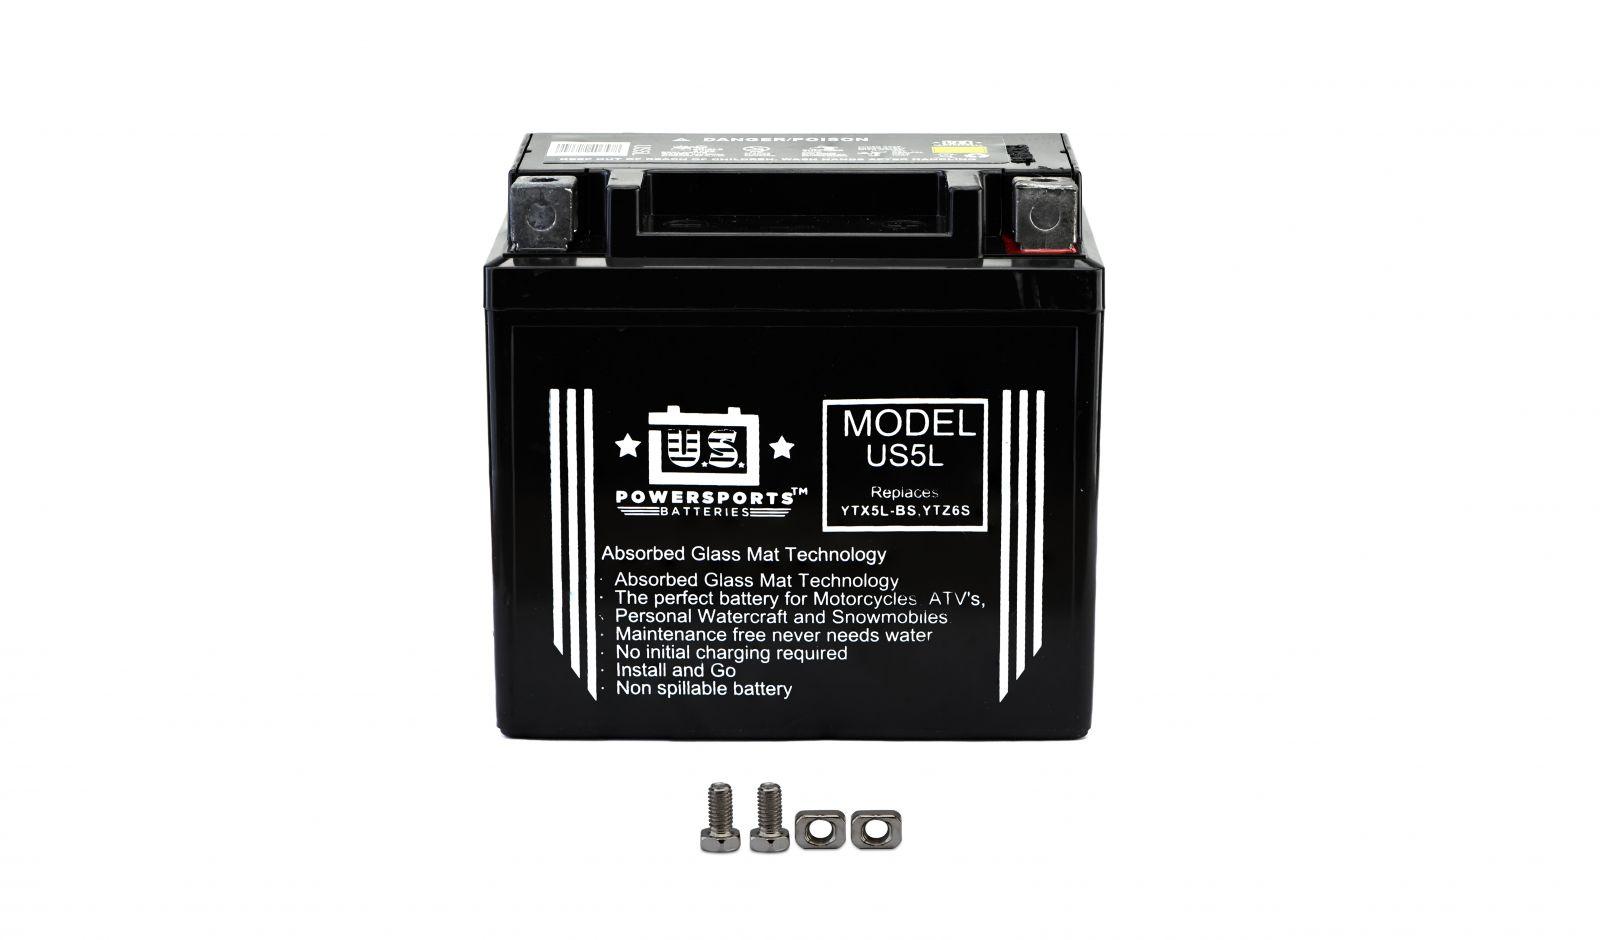 us powersports sealed battery - 501055U image